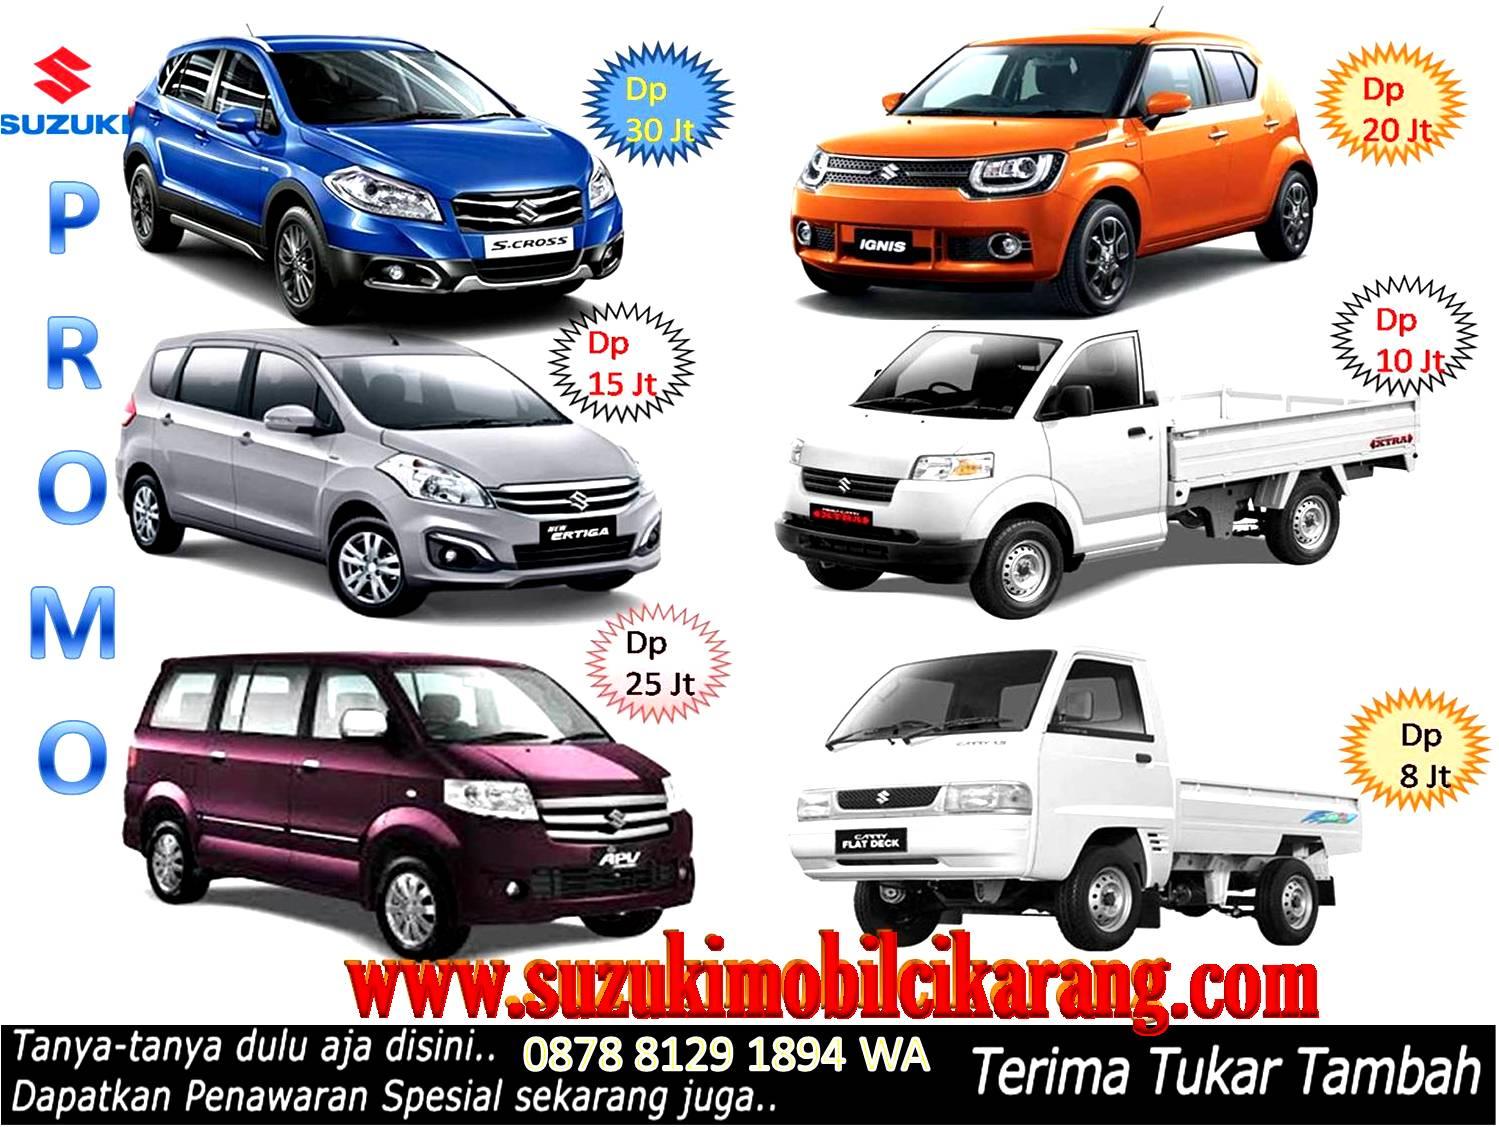 Dealer Resmi Suzuki Mobil Lippo Cikarang Voucher Water Boom Hubungi Rigson Sales Excekutive Di 0813 8977 8840 Untuk Informasi Harga Simulasi Kredit Serta Promo Menarik